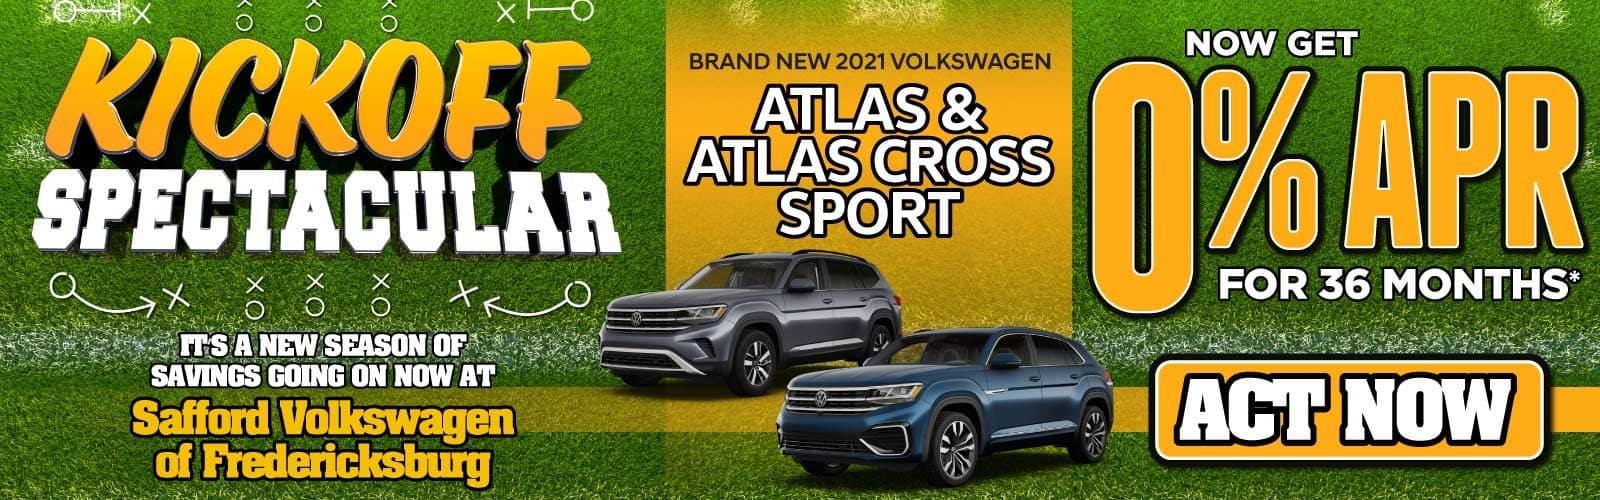 New 2021 Volkswagen Atlas & Atlas Cross Sport 0% APR for 36 Months — ACT NOW